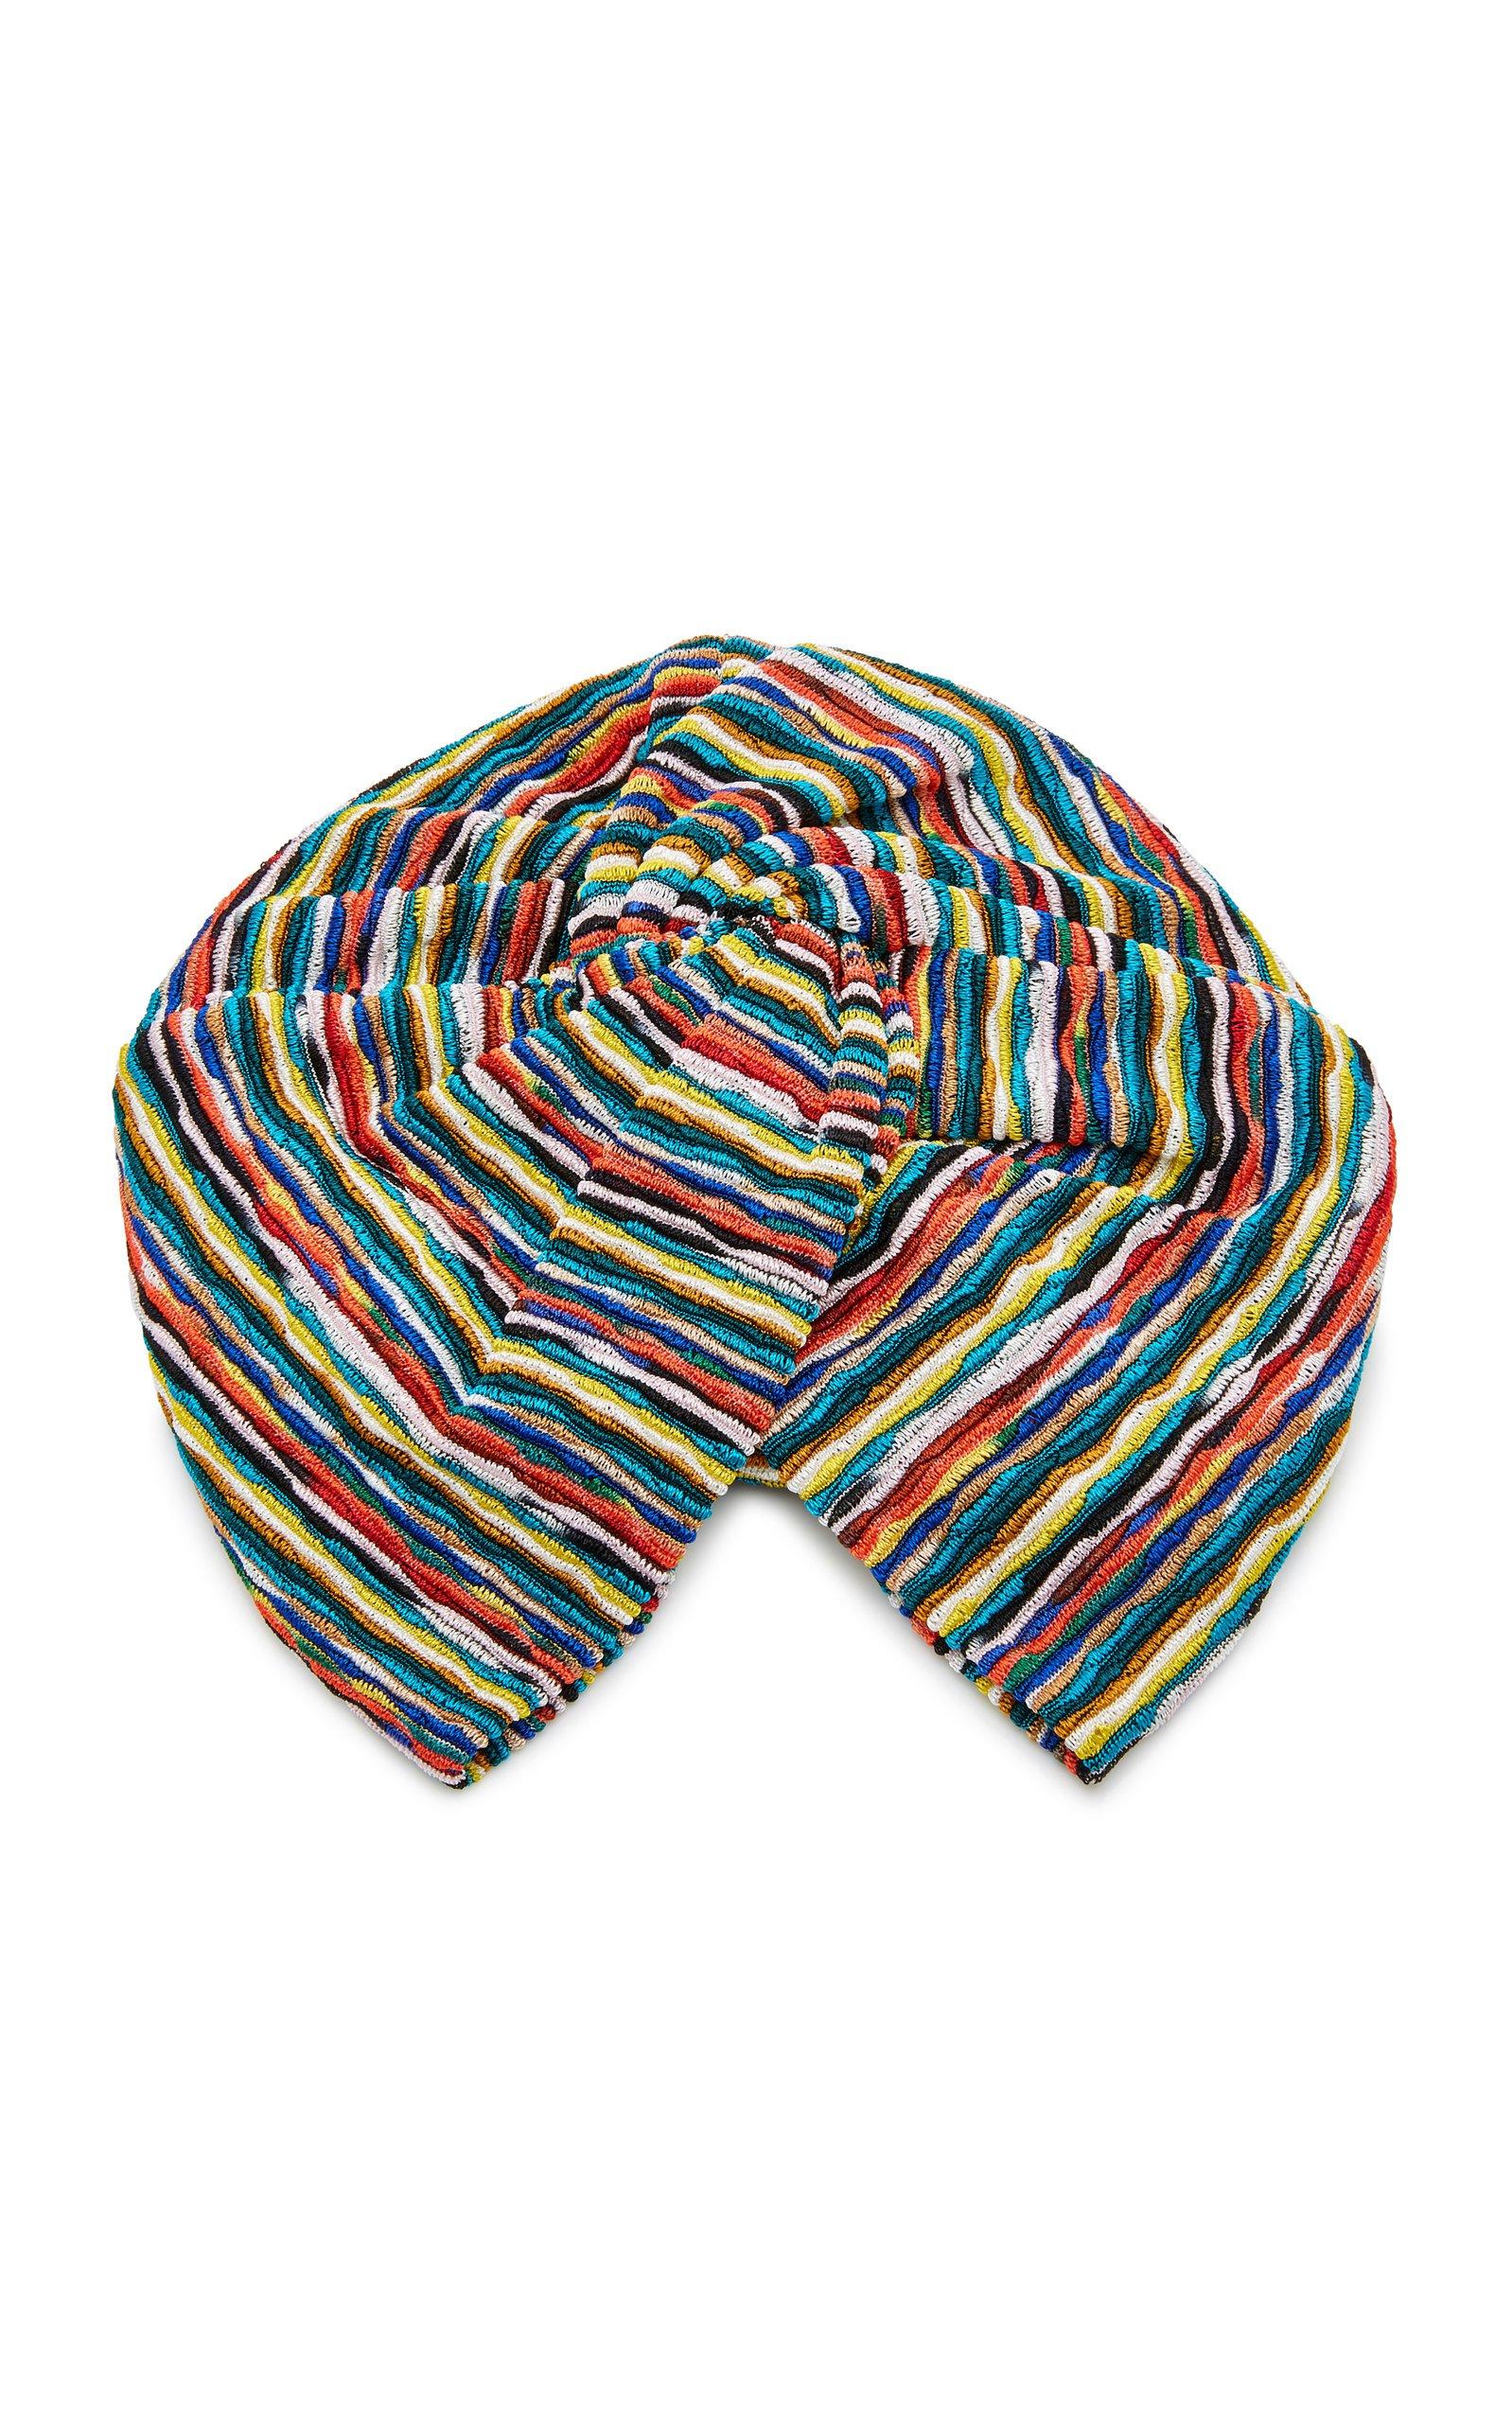 Missoni Mare Striped Crochet-Knit Headwrap